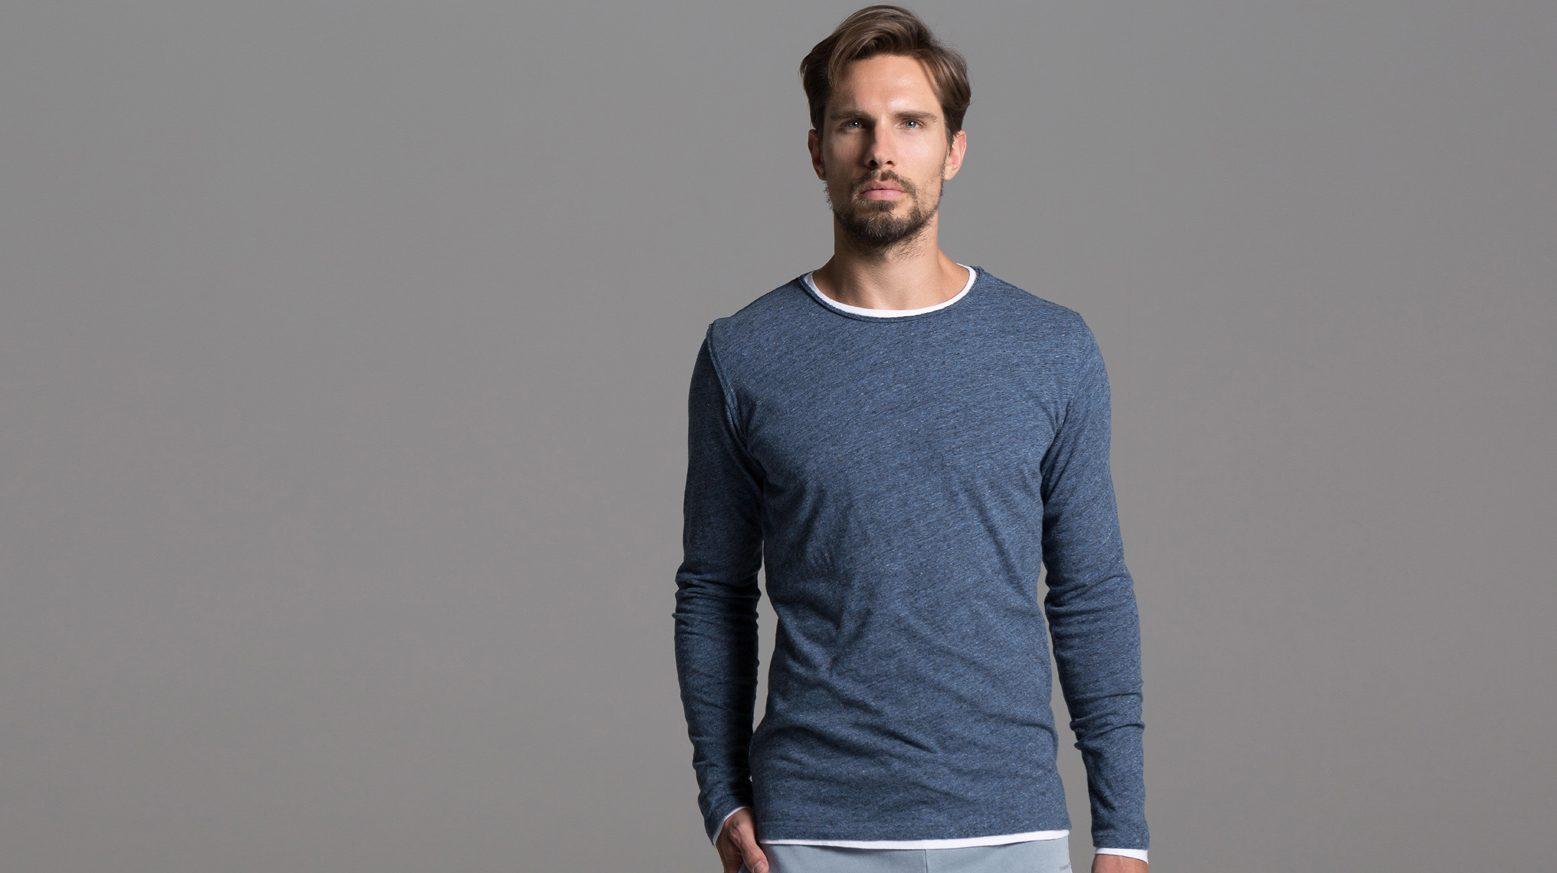 DRAKEWOOD Leinen 2in1 Shirt Stefan Biergans